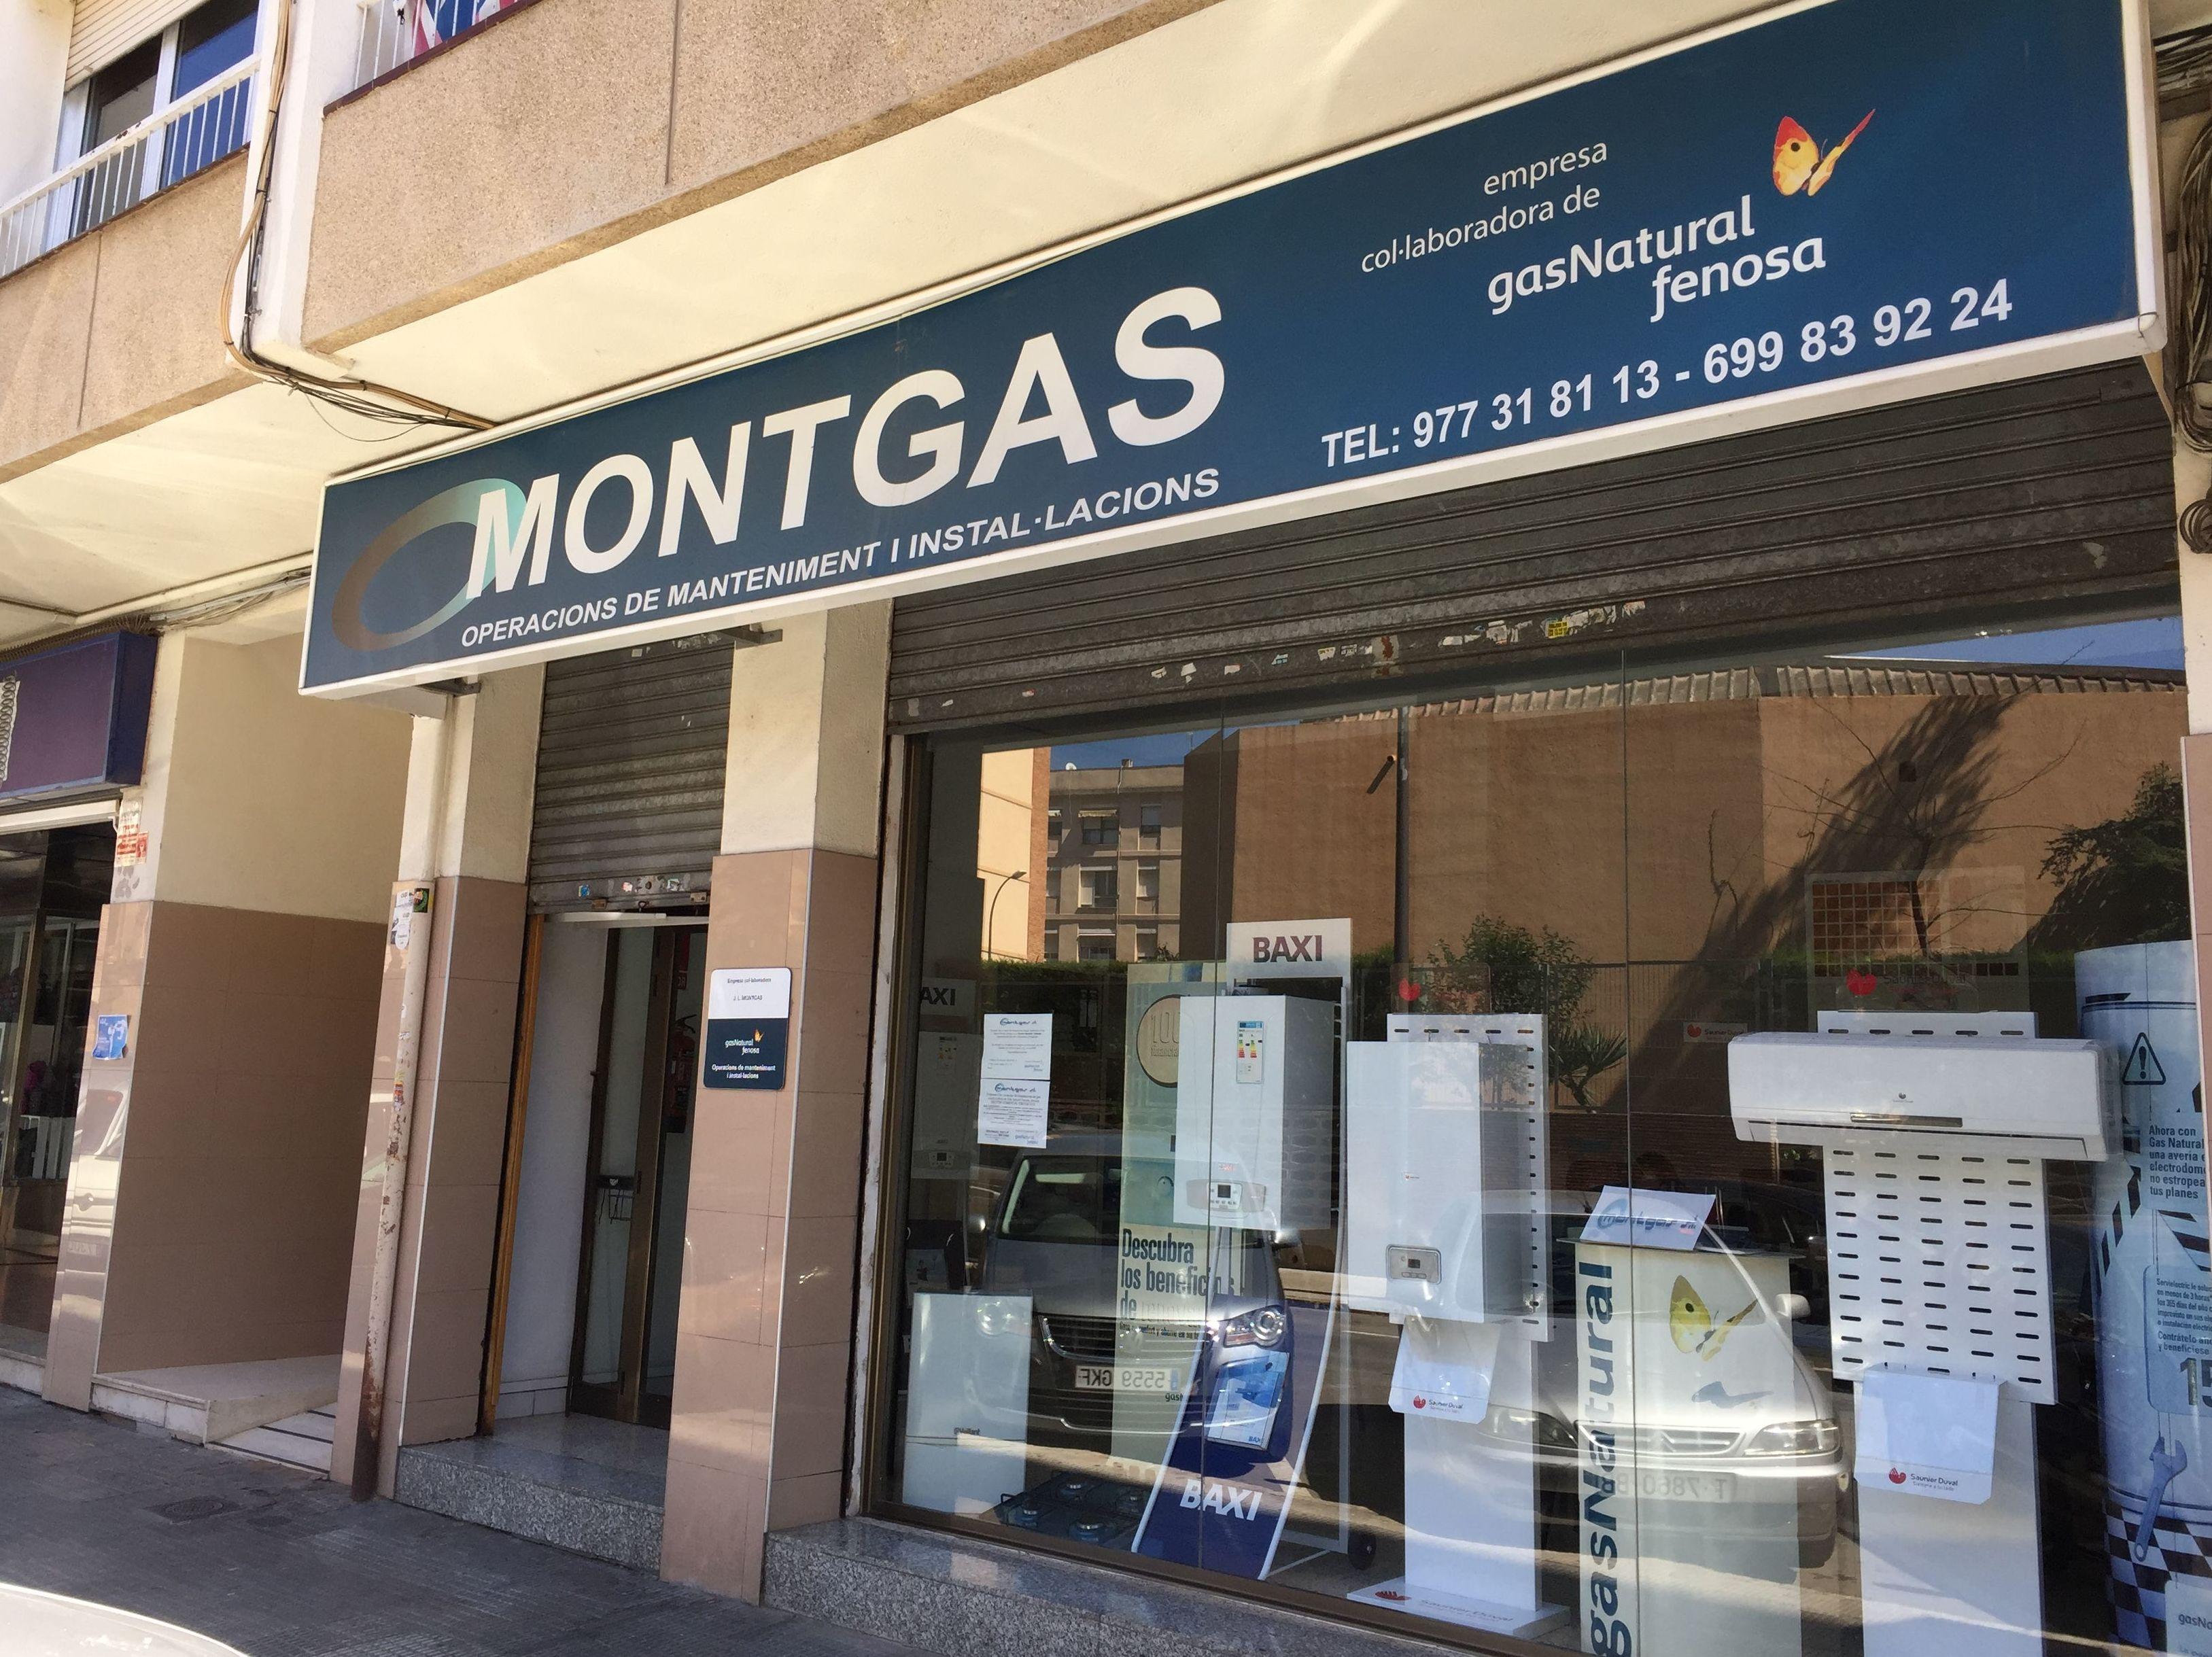 Foto 2 de Venta y reparación de calderas, calentadores, aires acondicionados y electrodomésticos en - Castelló de la Plana | J.L. Montgas, S.L.